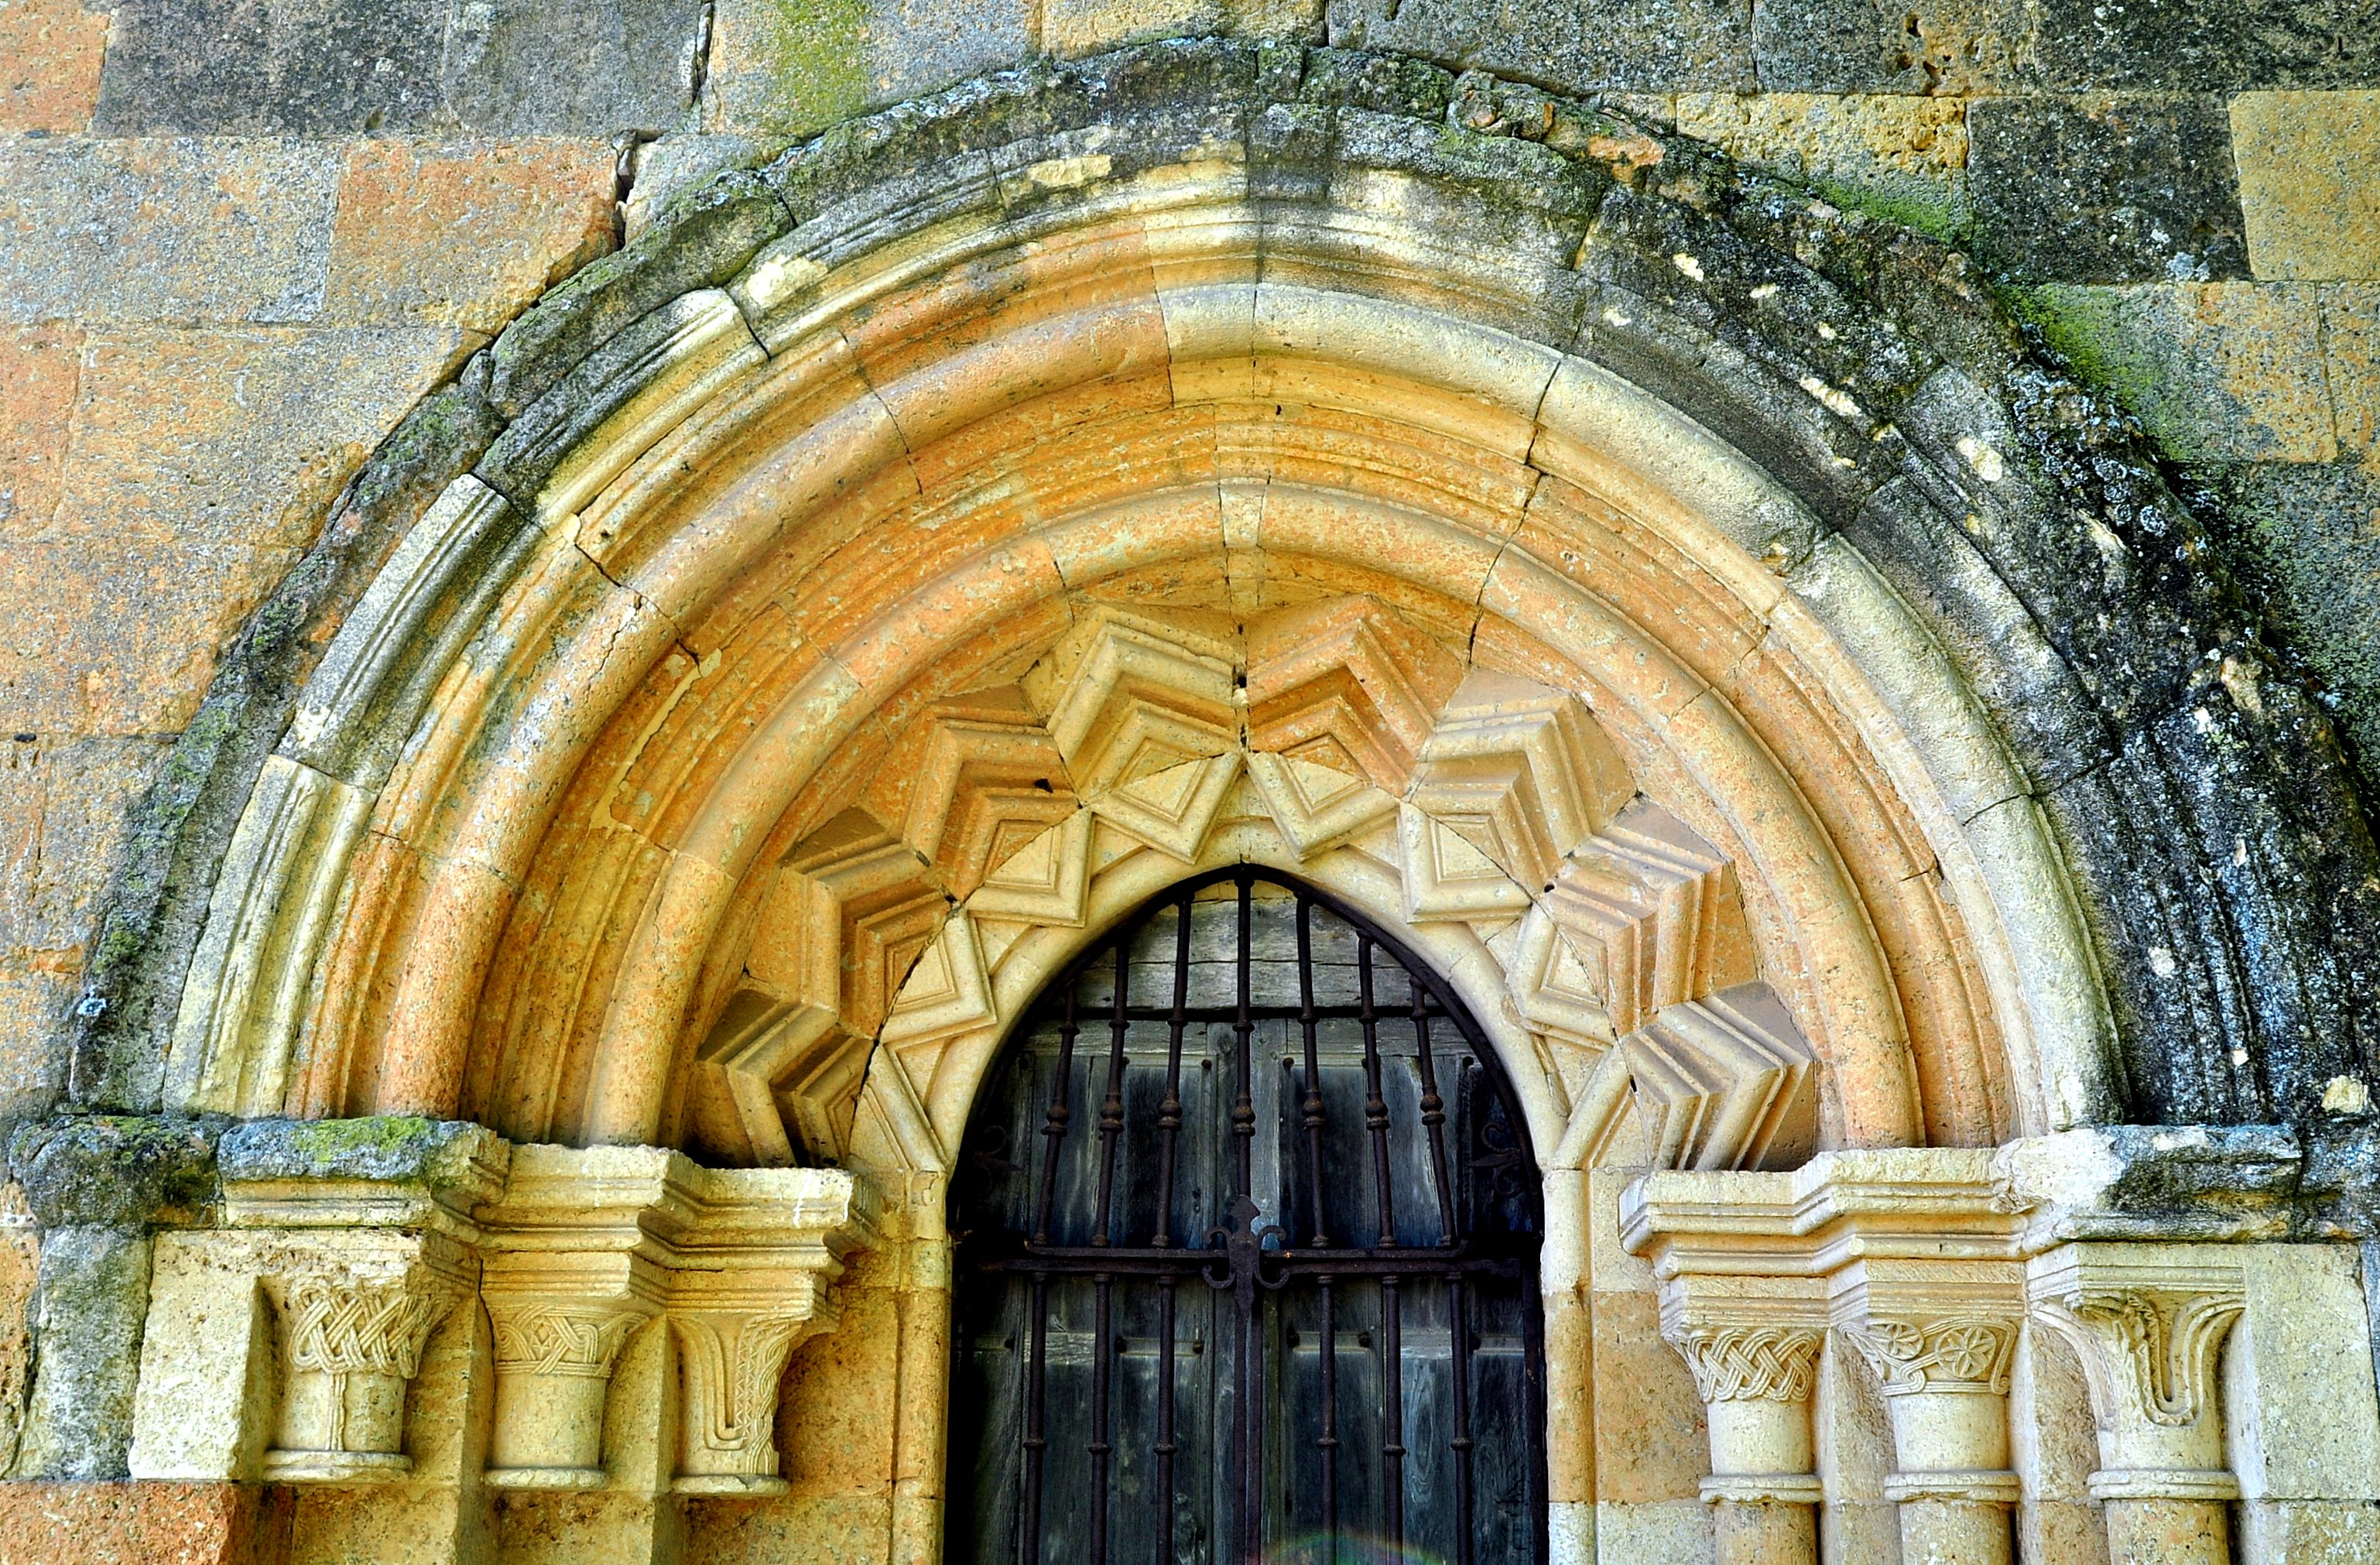 Portada románica con decoración en zig-zag.